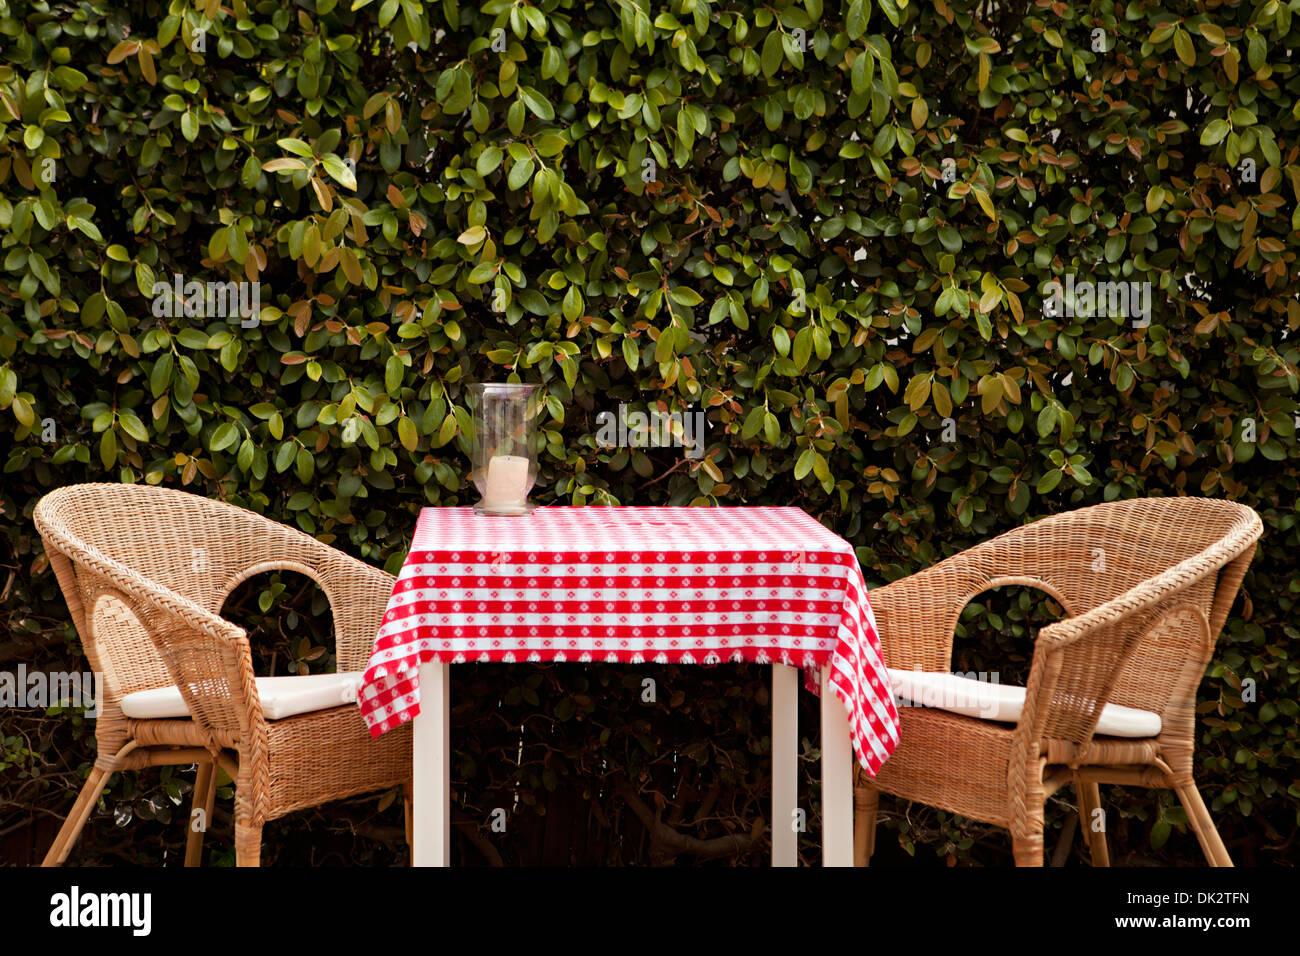 Sillas de mimbre en patio mesa con mantel blanco y rojo Imagen De Stock